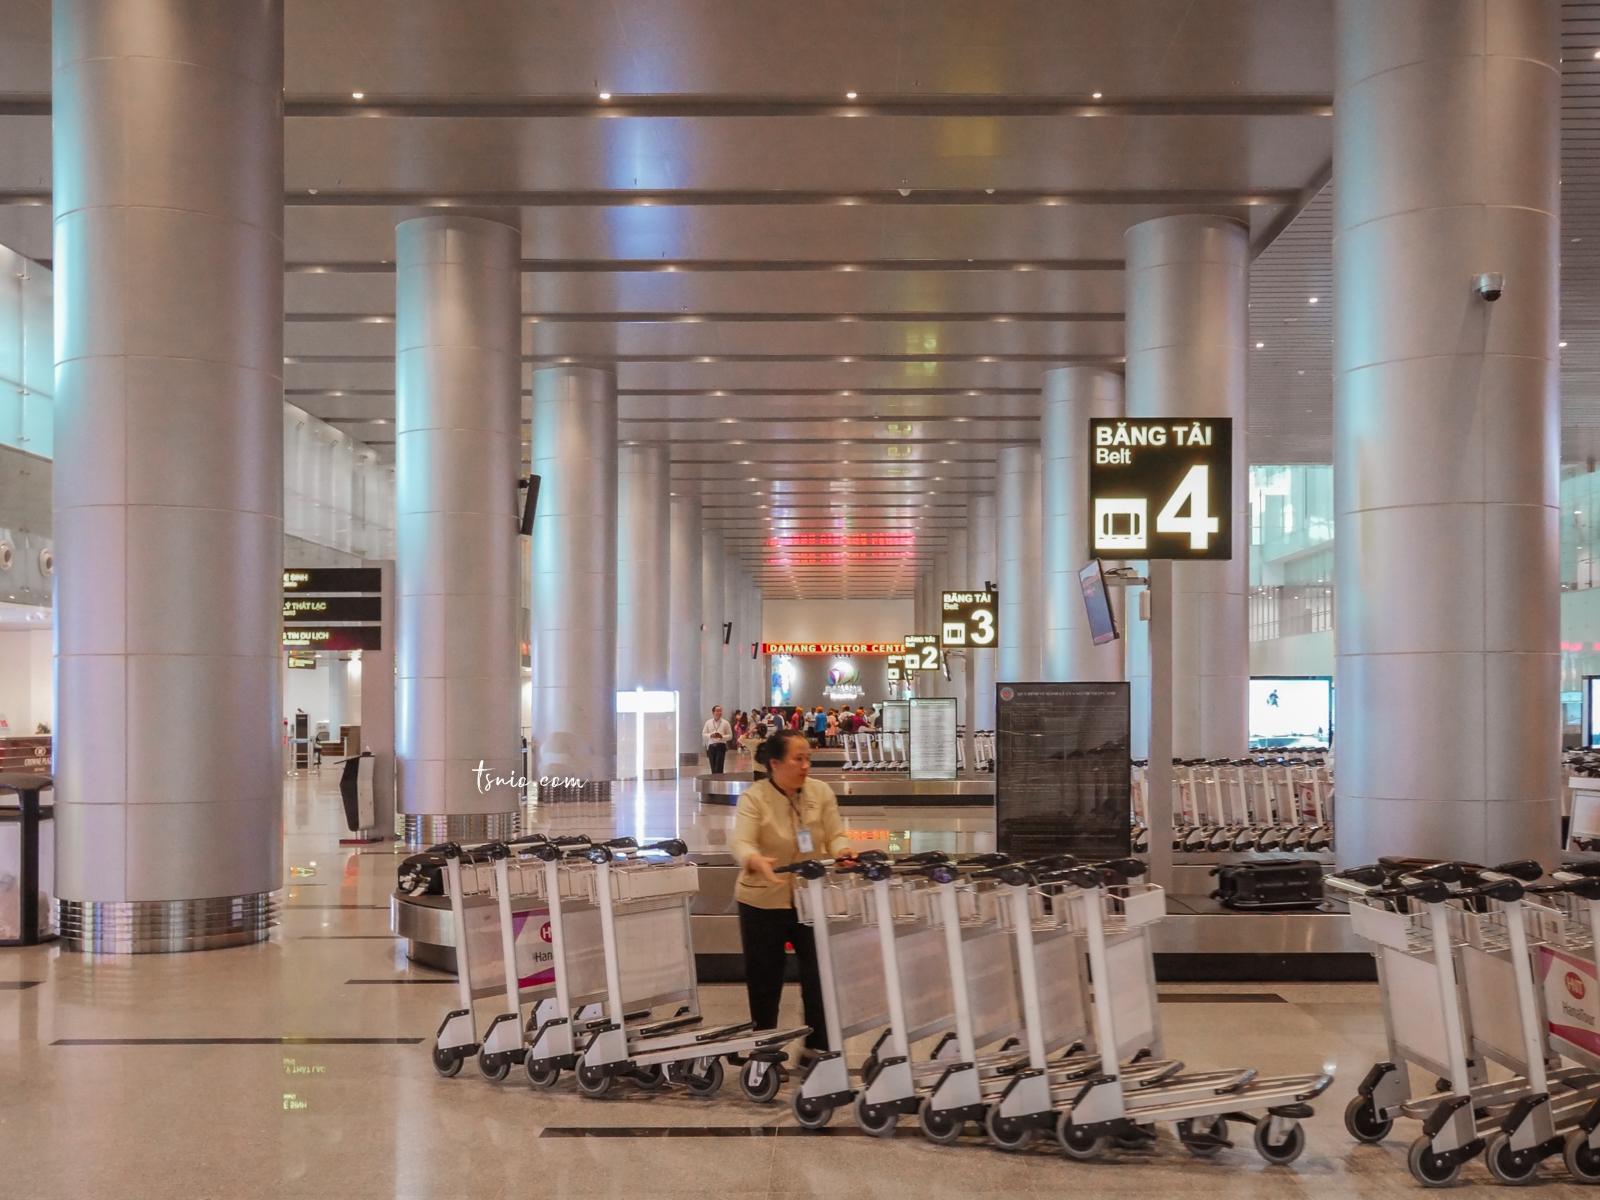 越南峴港自由行攻略 機票、行程、景點、住宿、美食、交通總整理